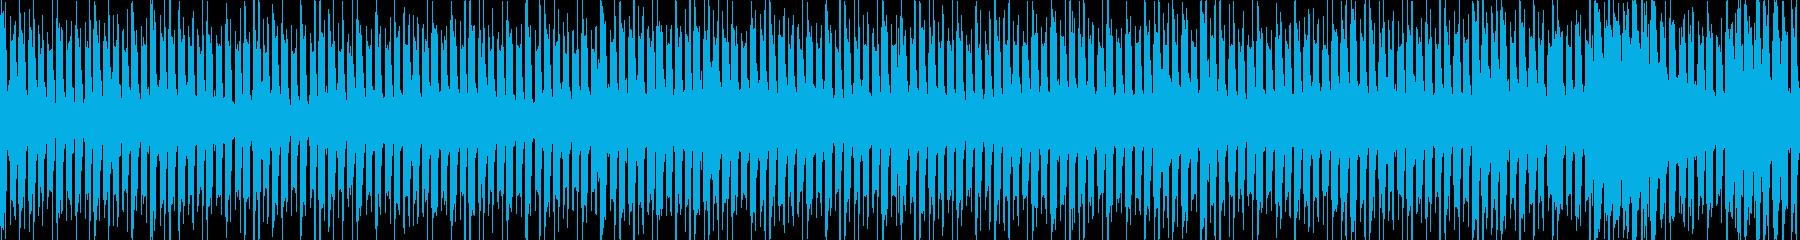 緊張感を高めるシンプルなループの再生済みの波形